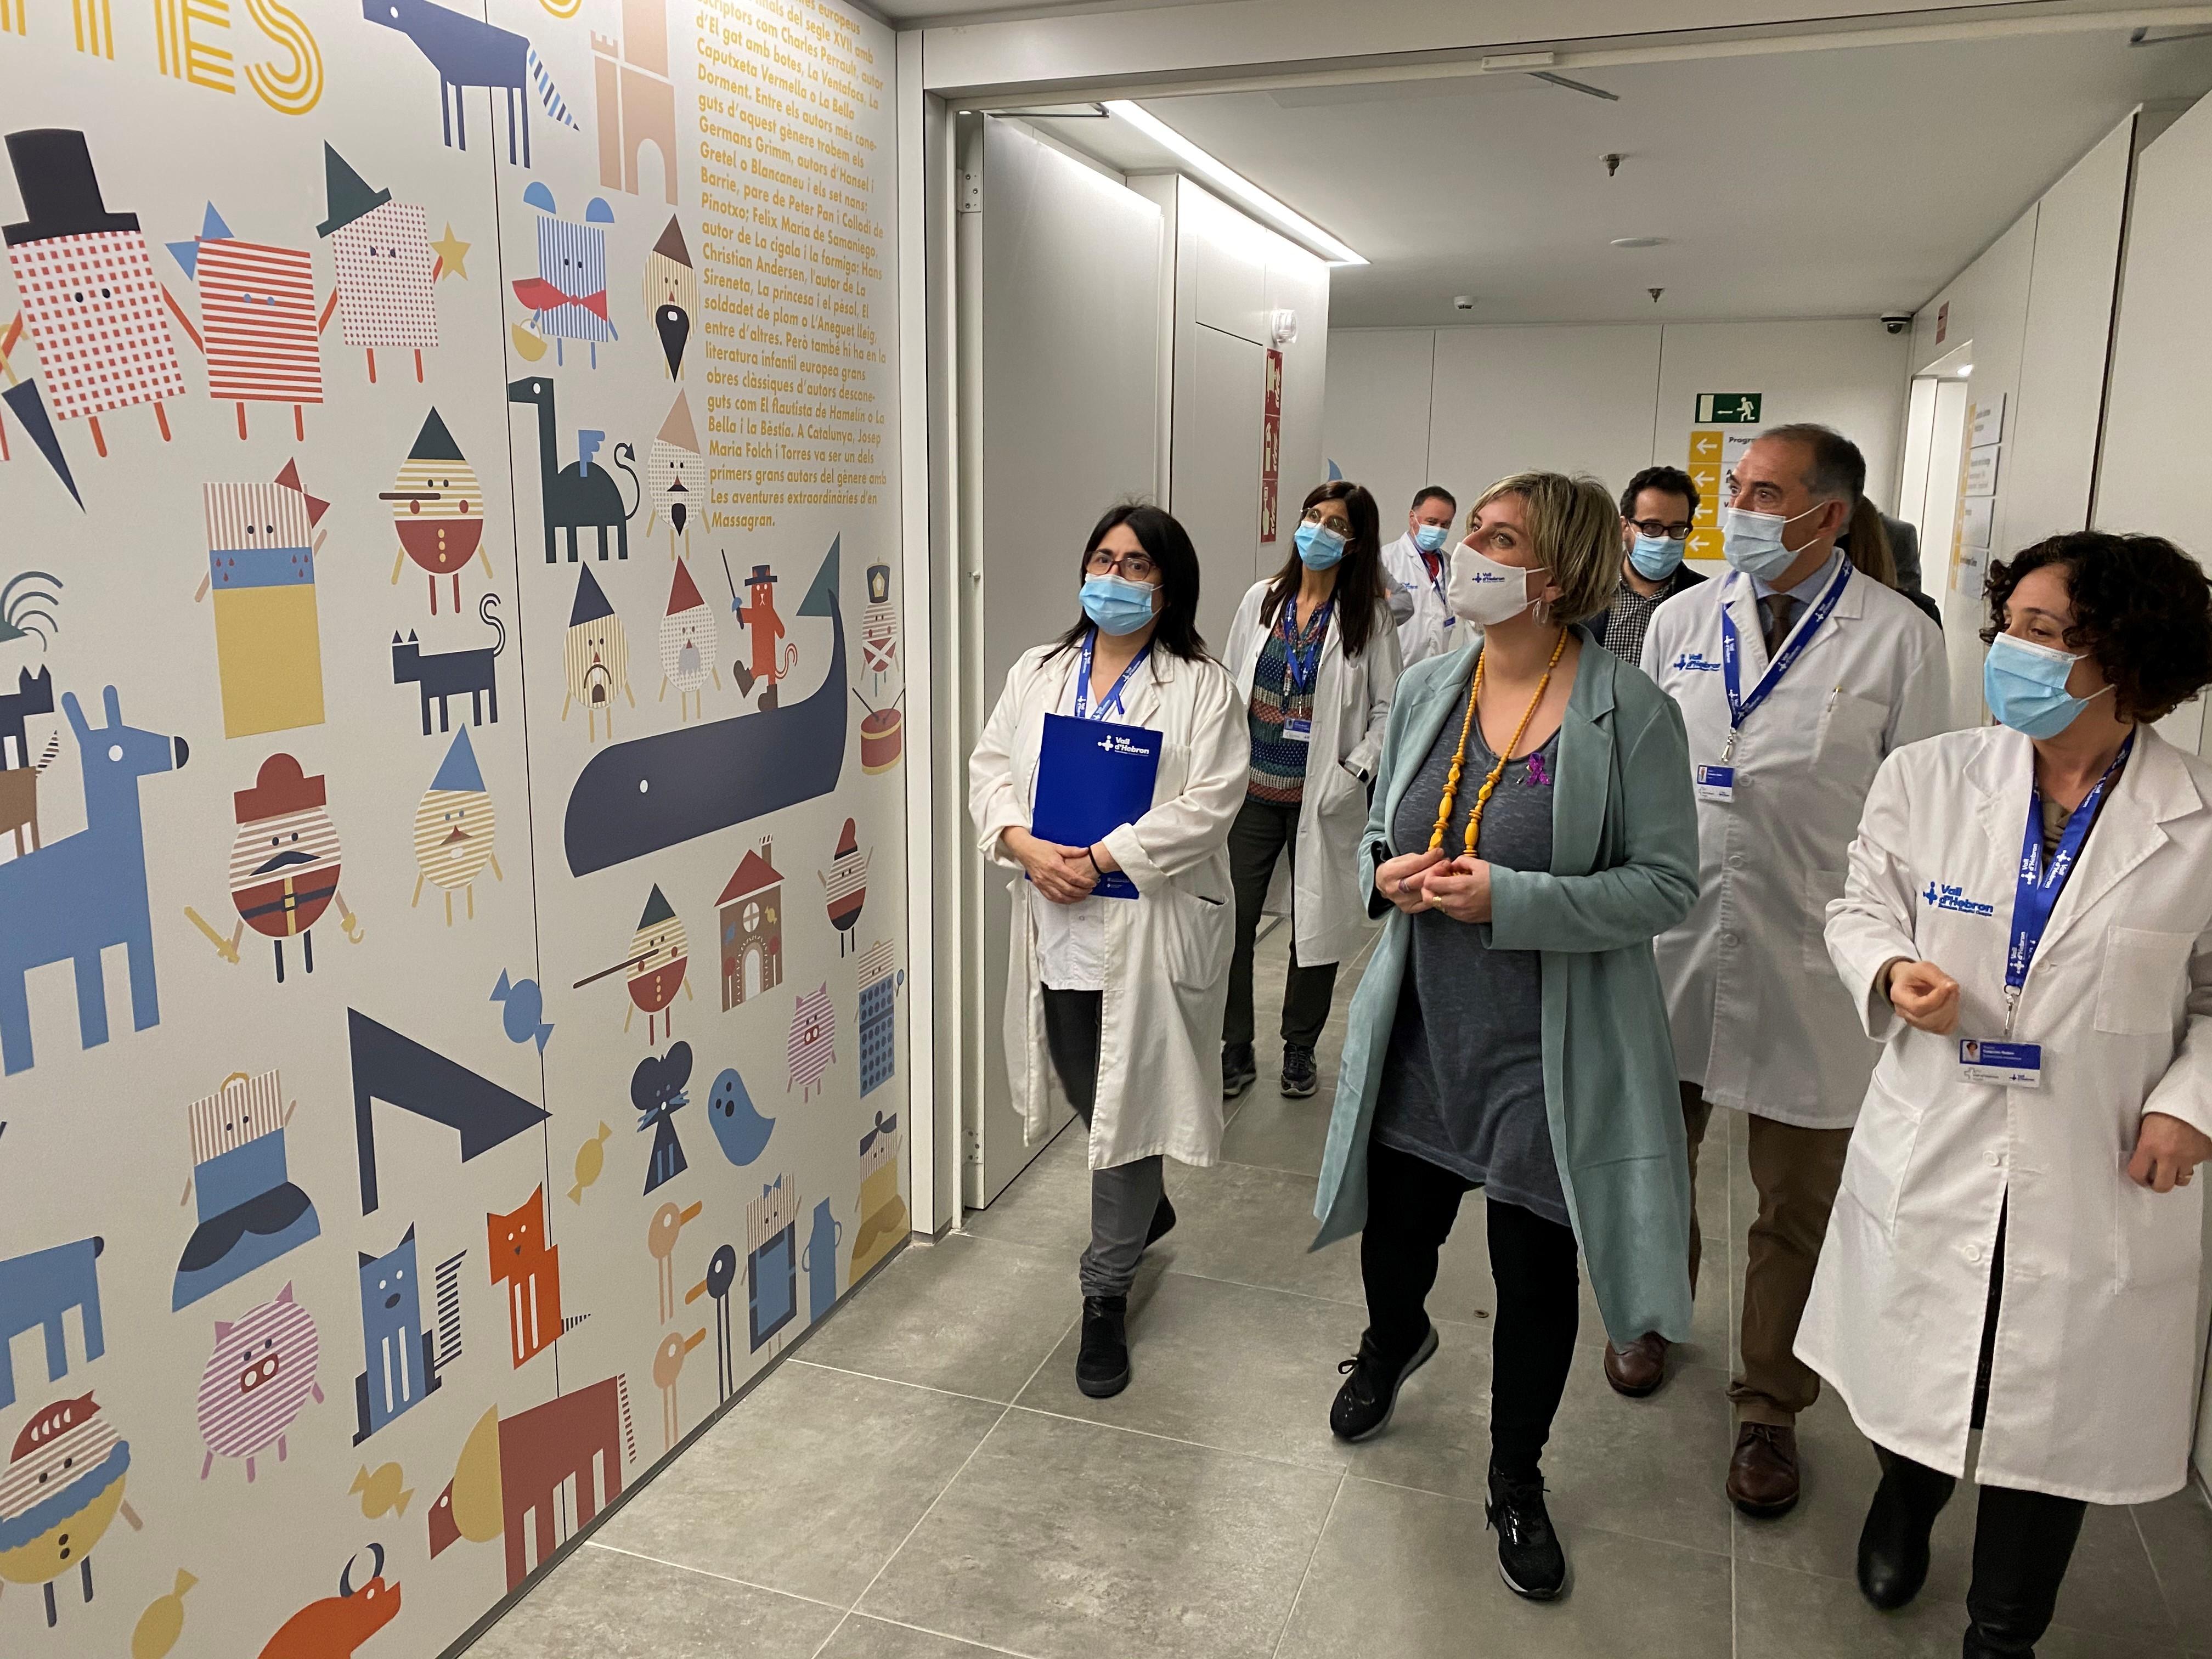 Un moment de la visita de la consellera al nou espai de l'Hospital Vall d'Hebron